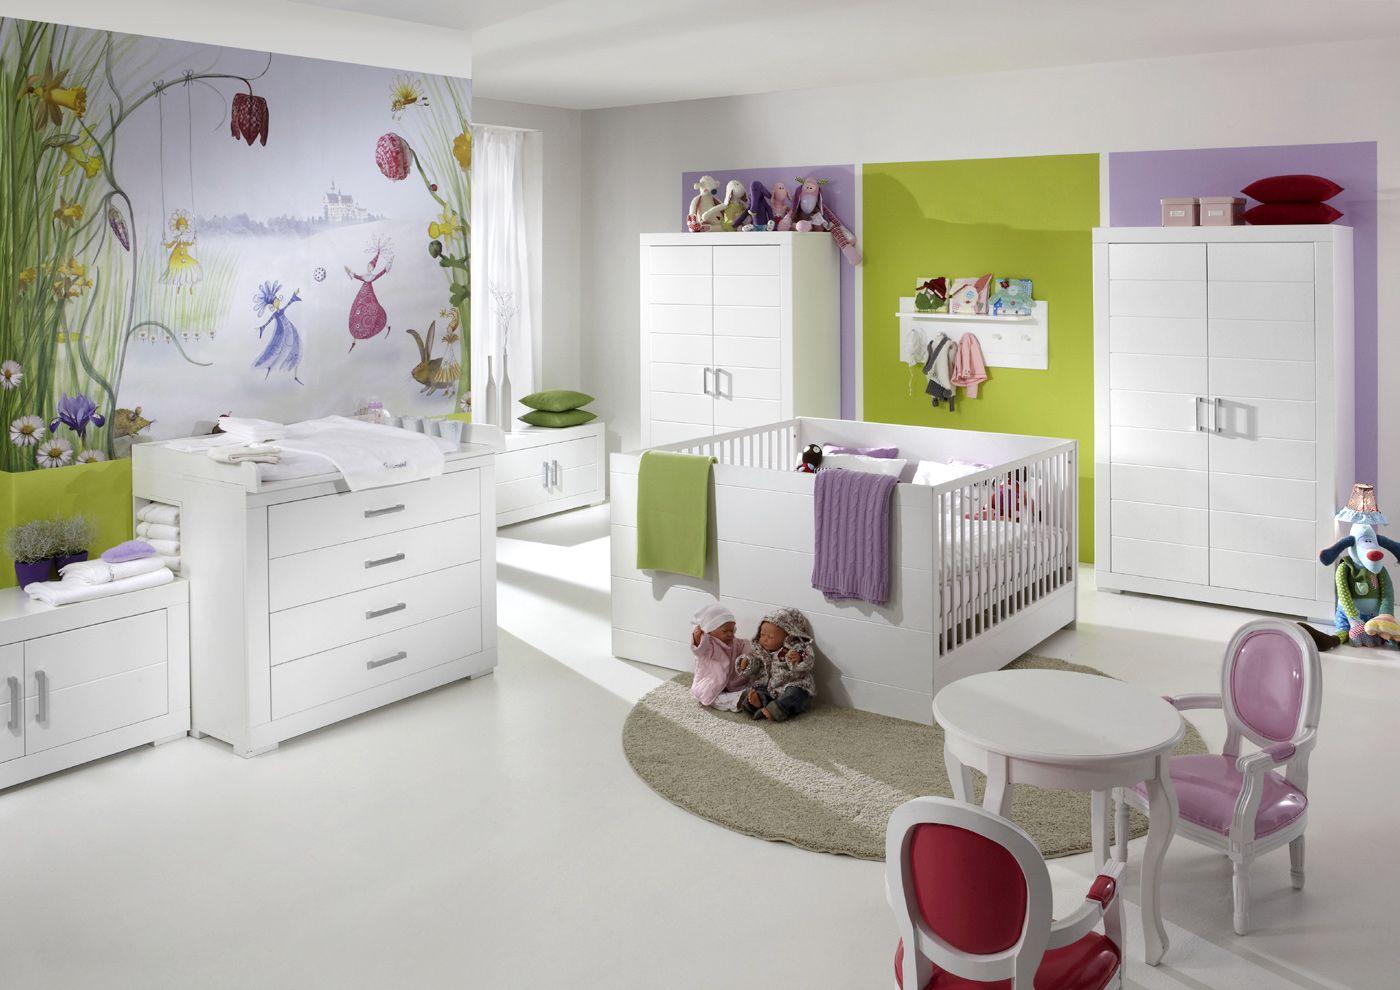 Kinderzimmer Babyzimmer ~ Schaf dekoration ideen kleines babyzimmer gestalten kinderzimmer